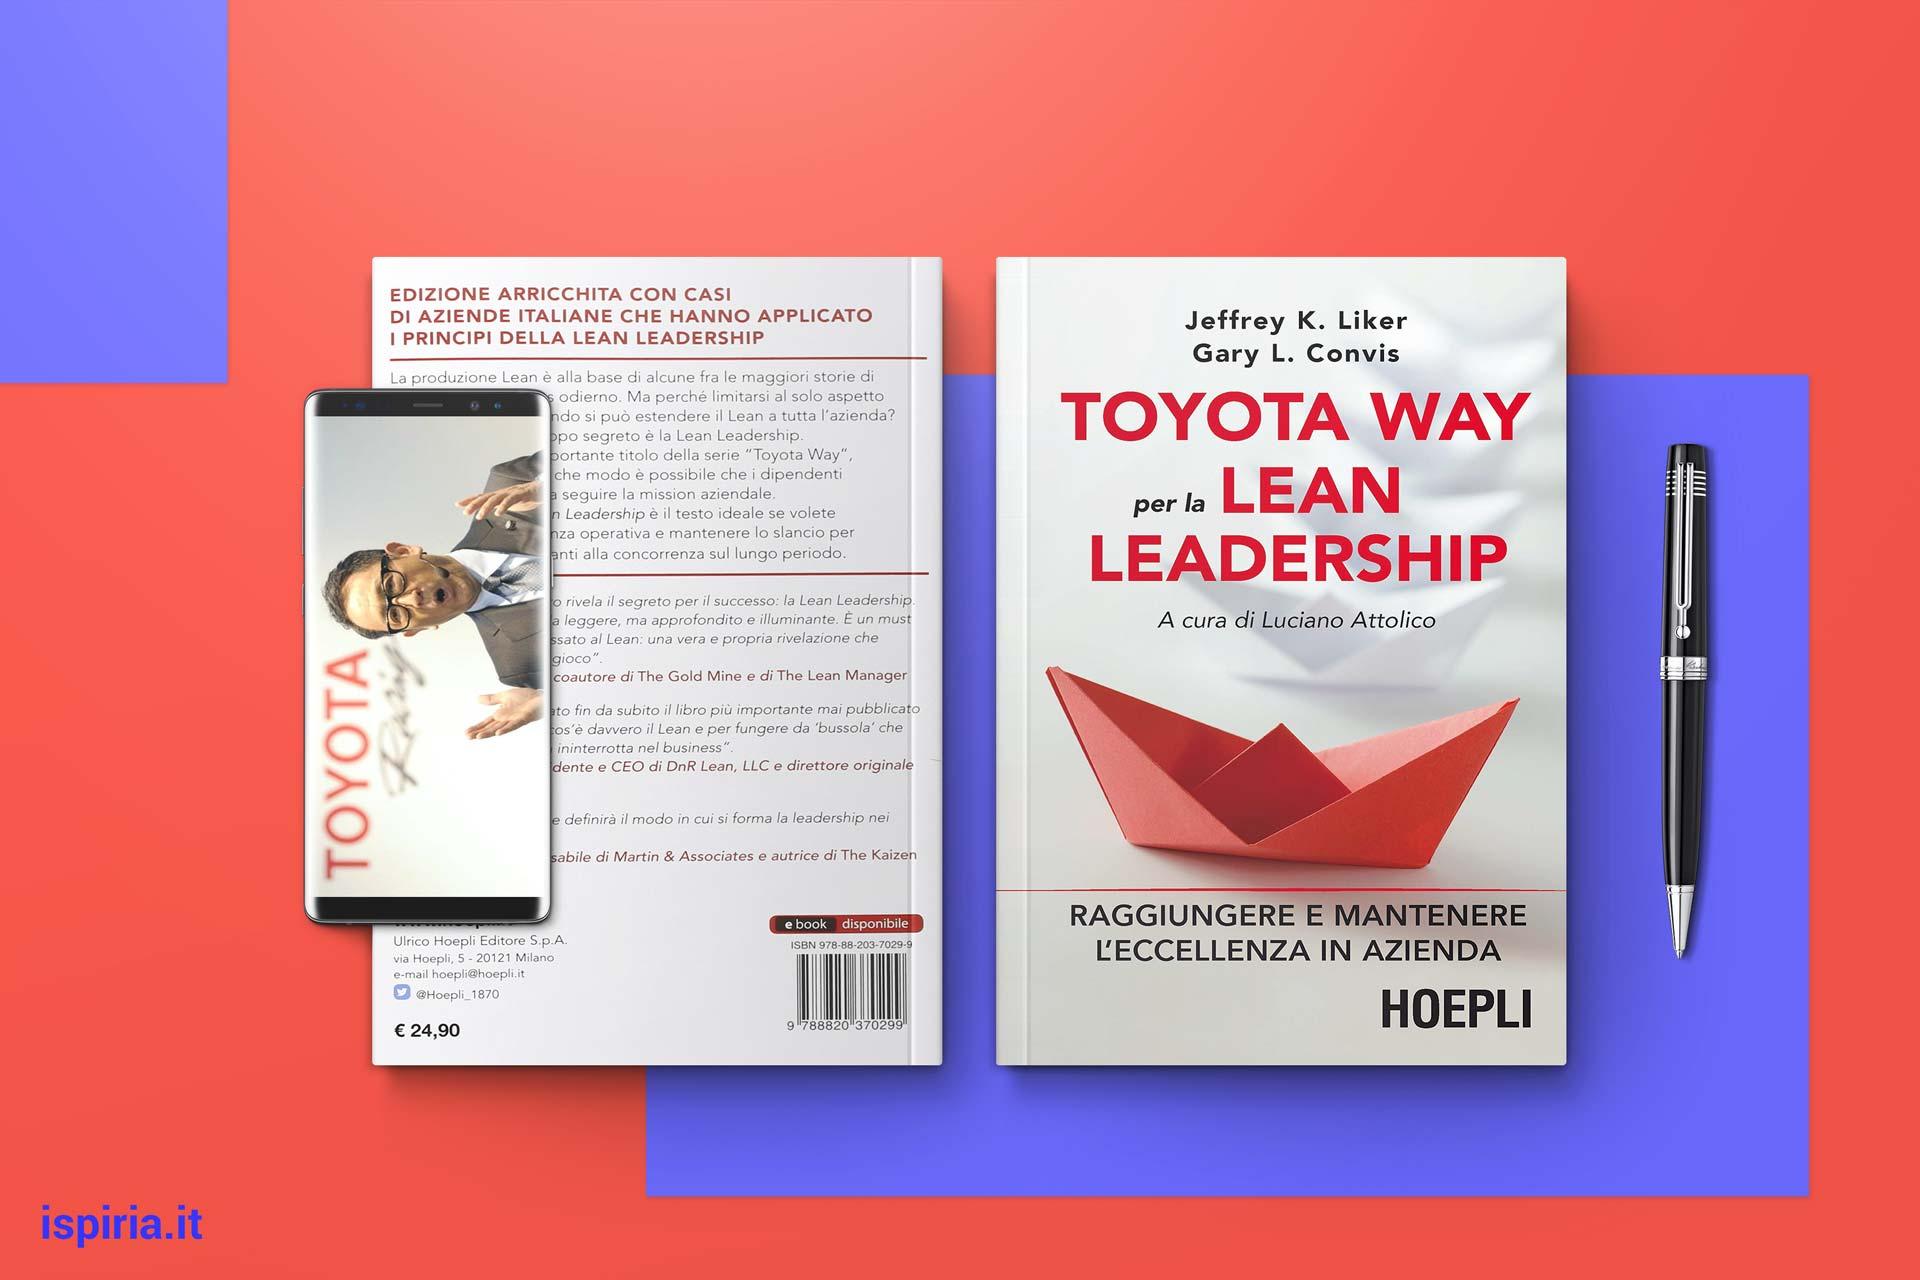 Migliori-libri-leadesrhip-per-diventare-leader